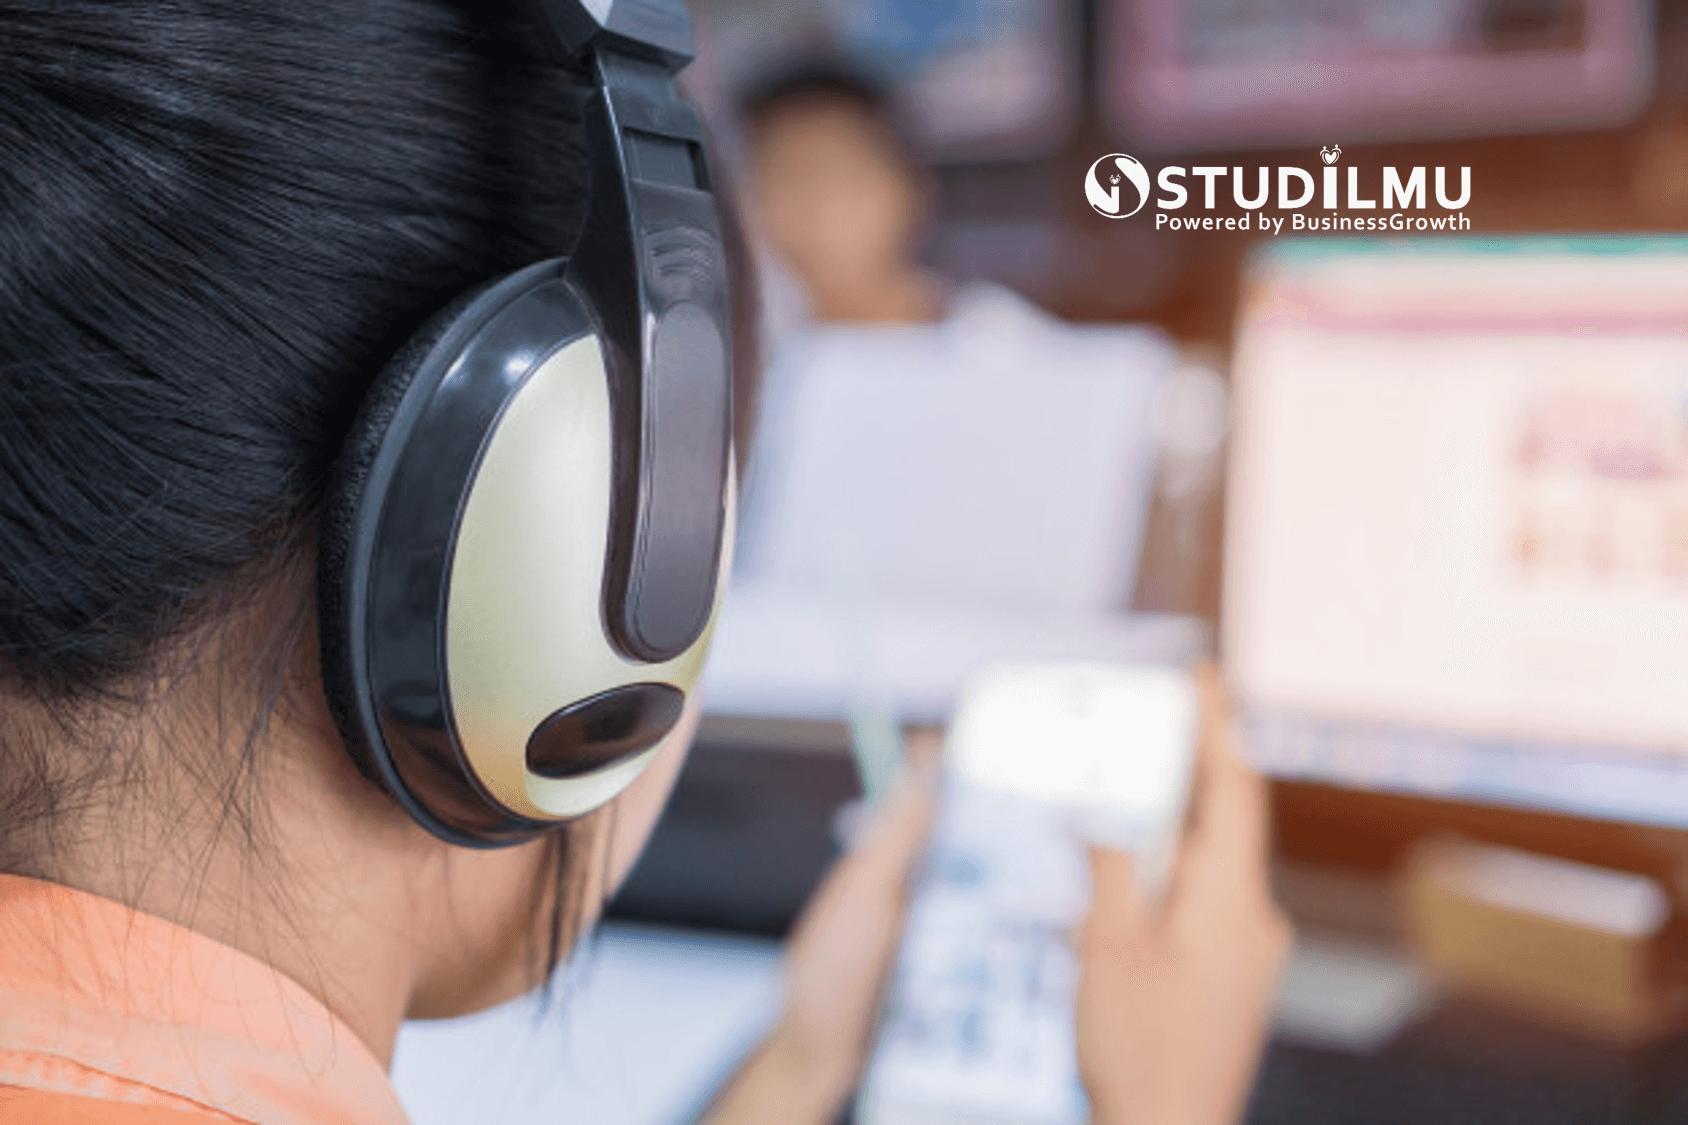 STUDILMU Career Advice - Pengertian E-learning dan Lanskapnya pada 2019